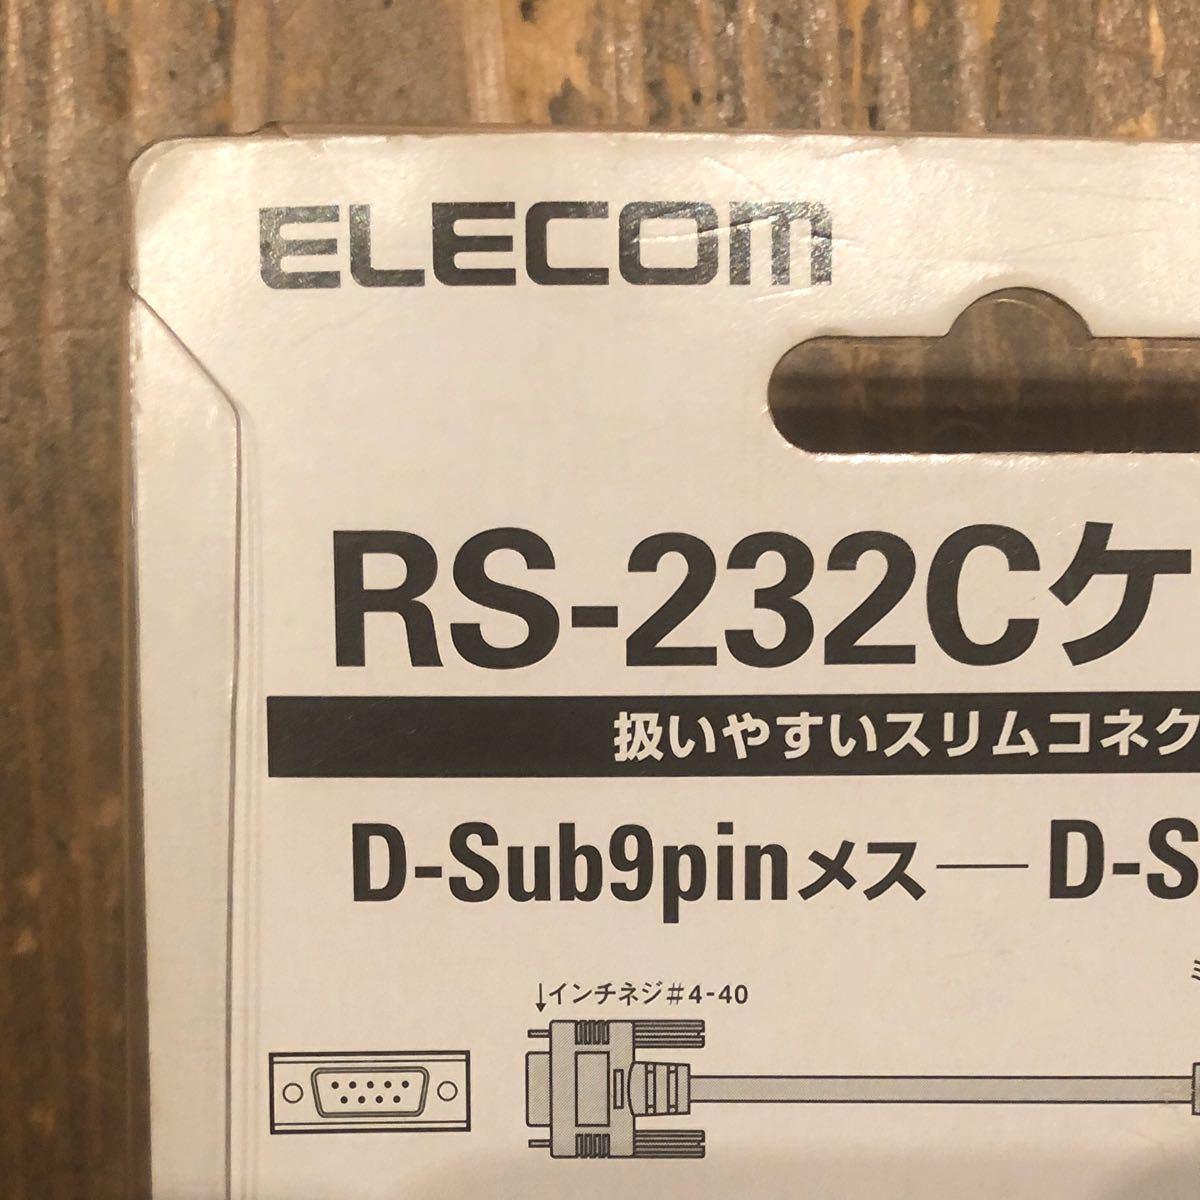 ELECOM エレコム RS-232Cケーブル 2m 新品未開封品